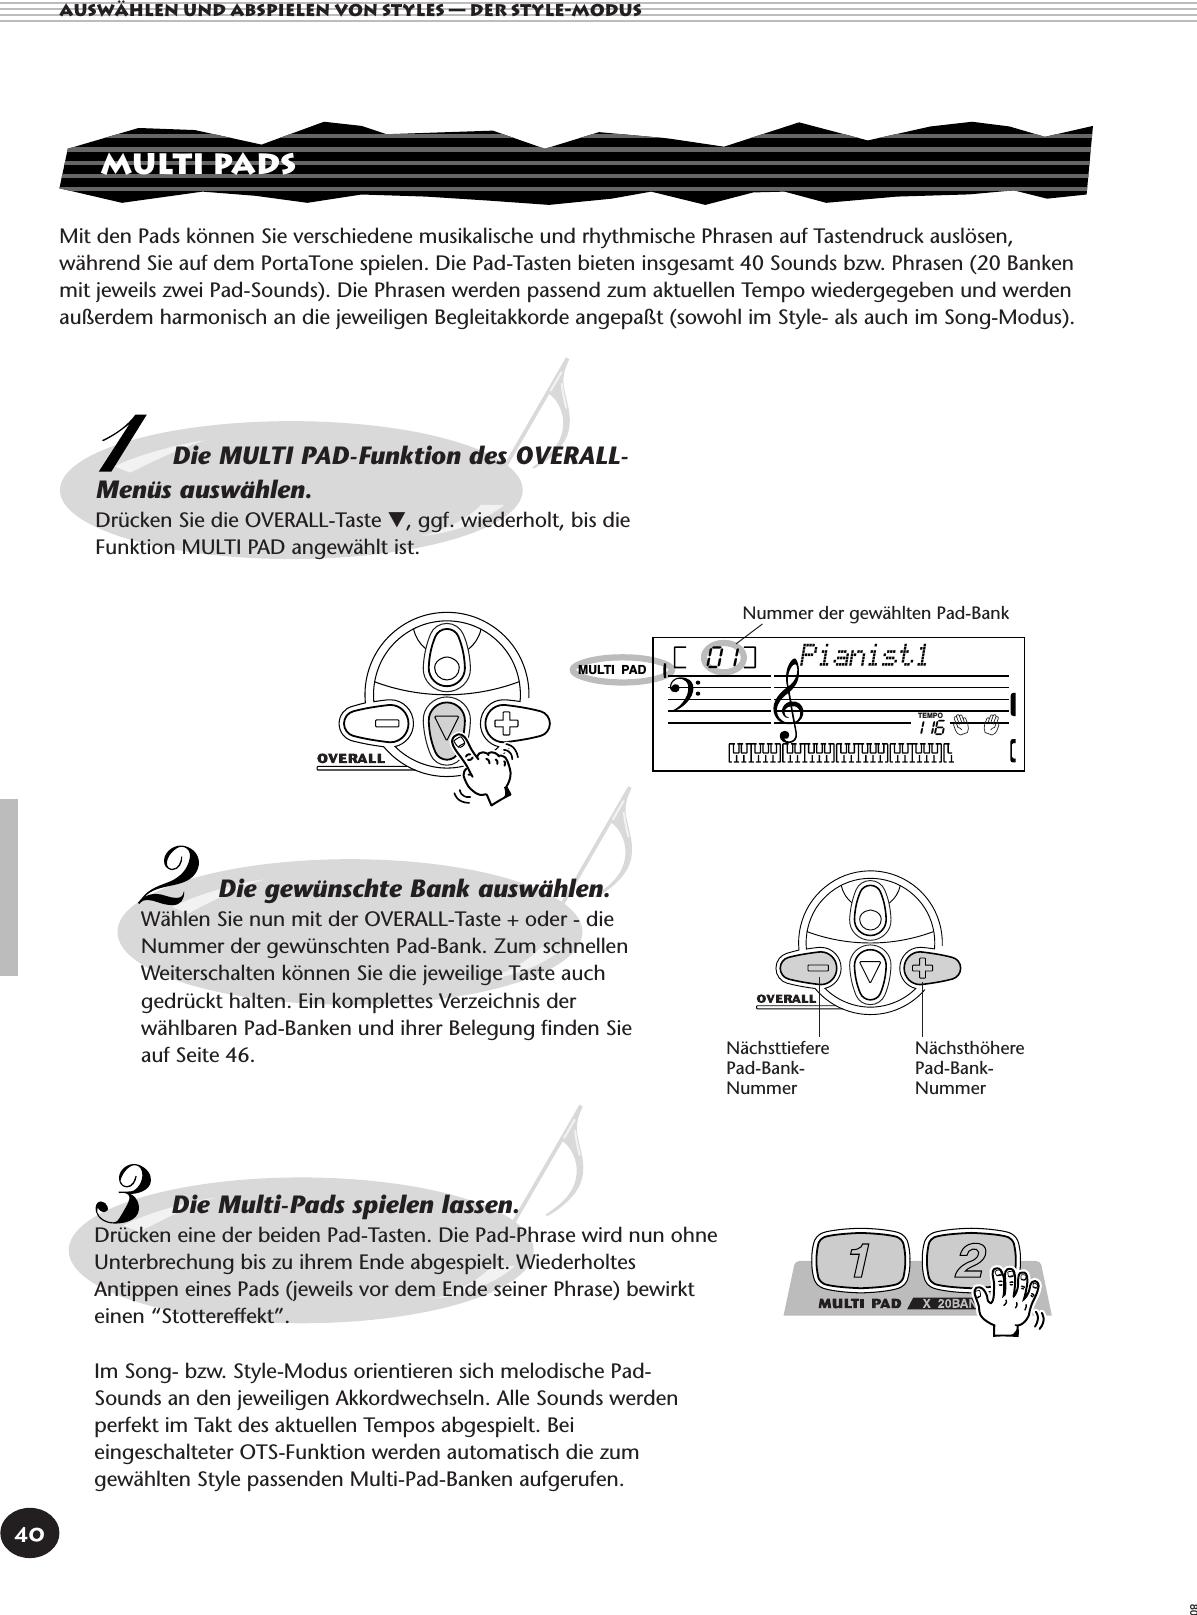 Yamaha PSR 140 Owner's Manual (Image) PSR140G